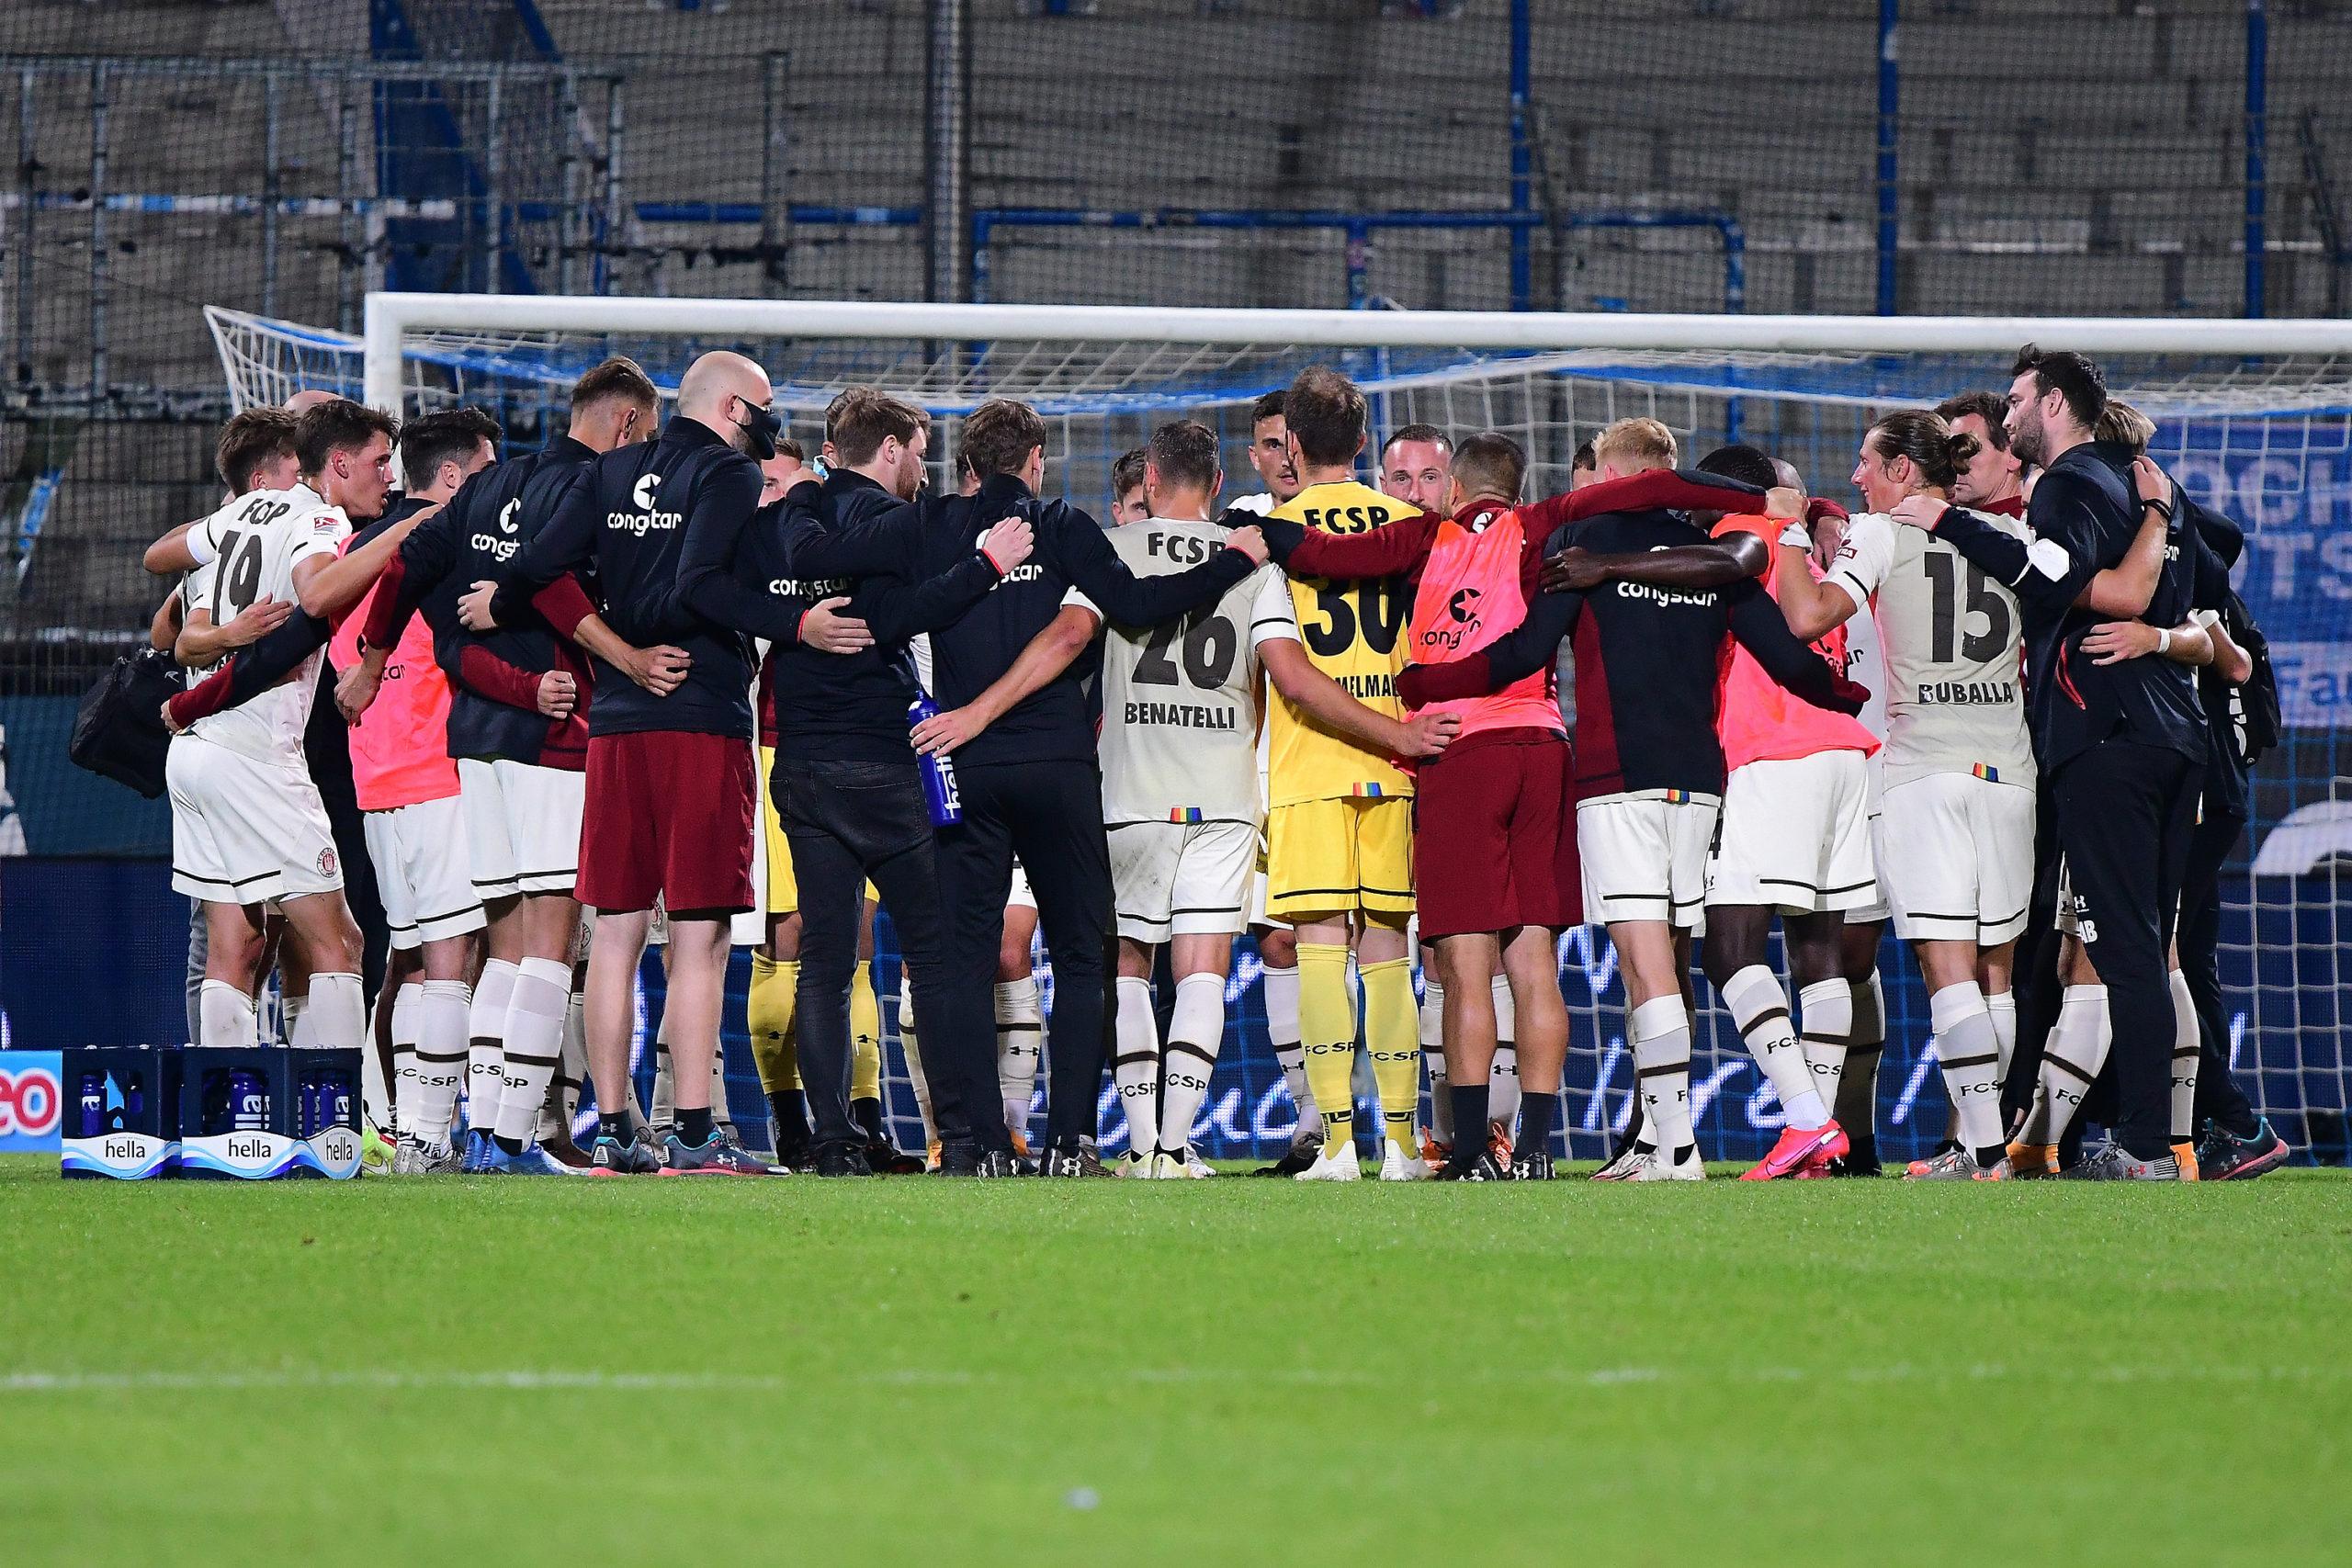 Nach dem Spiel – VfL Bochum (A) – Spieltag 1 – Saison 2020/21